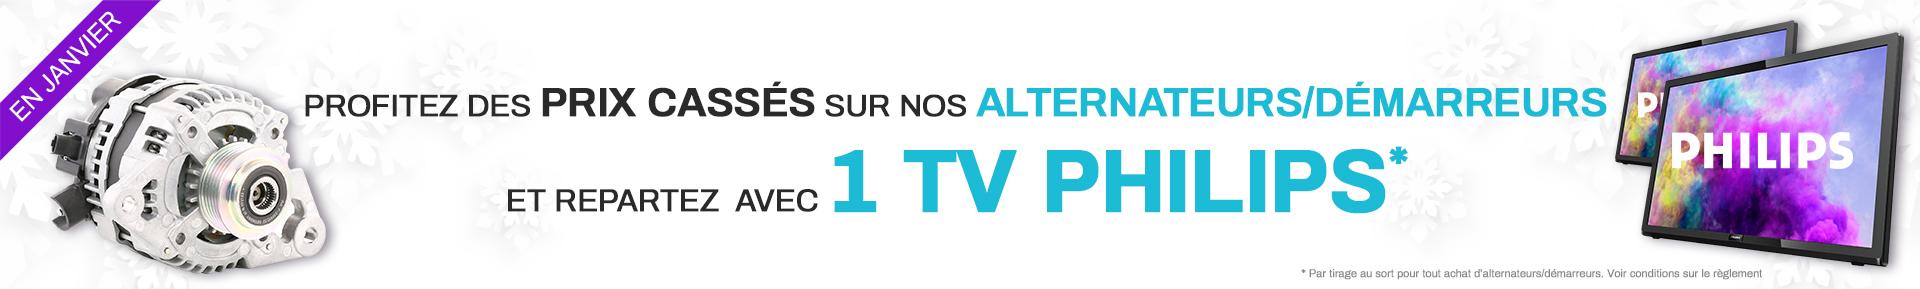 Prix cassés sur les alter/dem et en plus repartez avec une TV Philips *